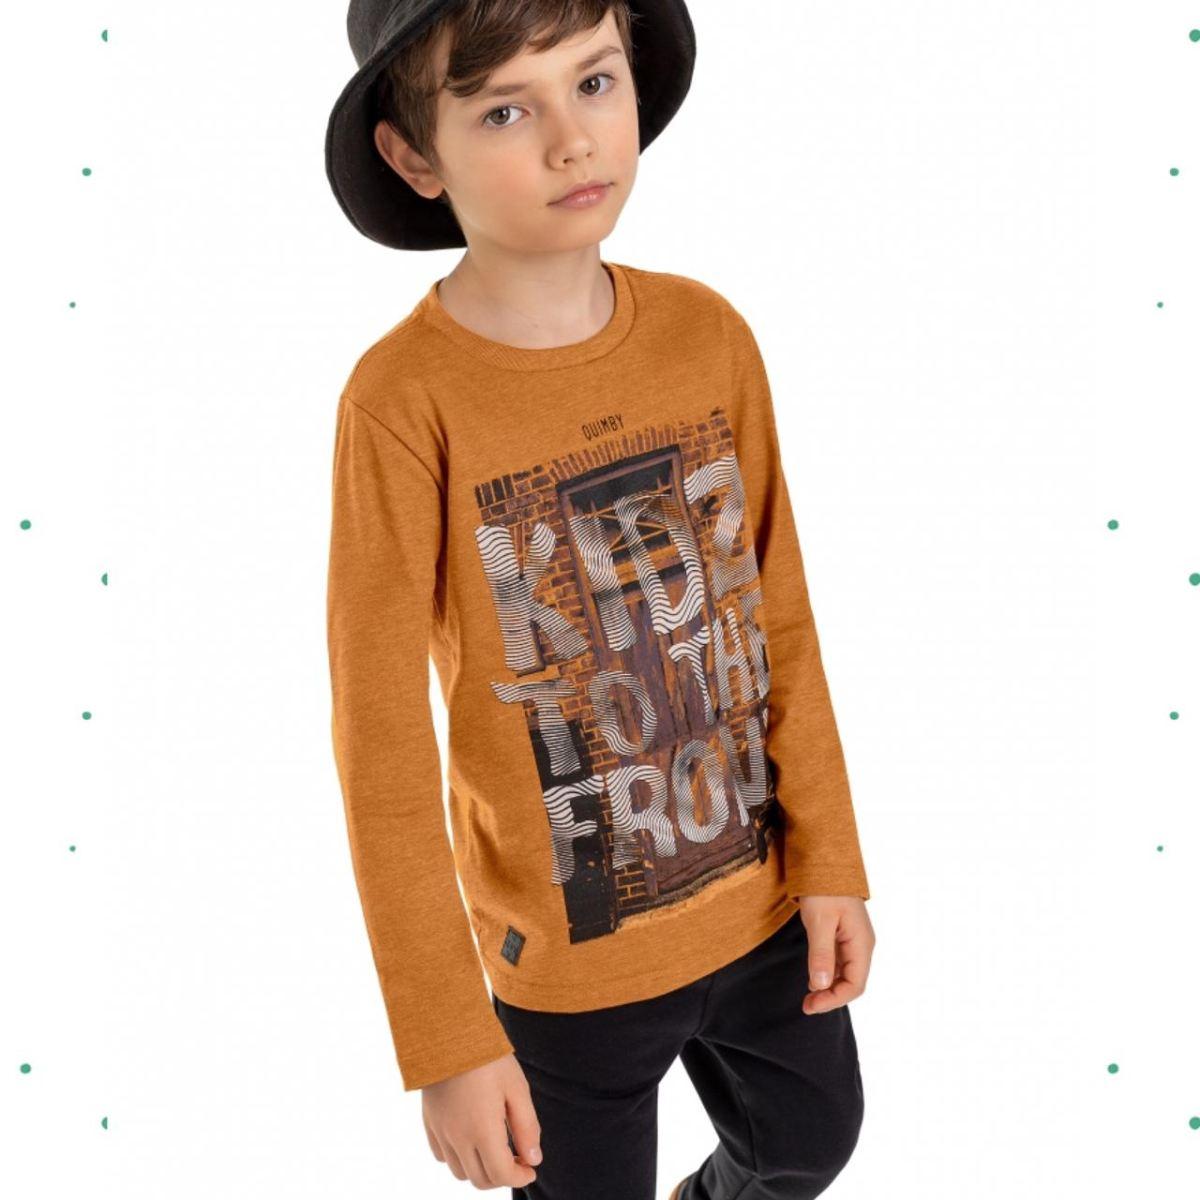 Camiseta Manga Longa Menino Quimby em Algodão cor Mostarda